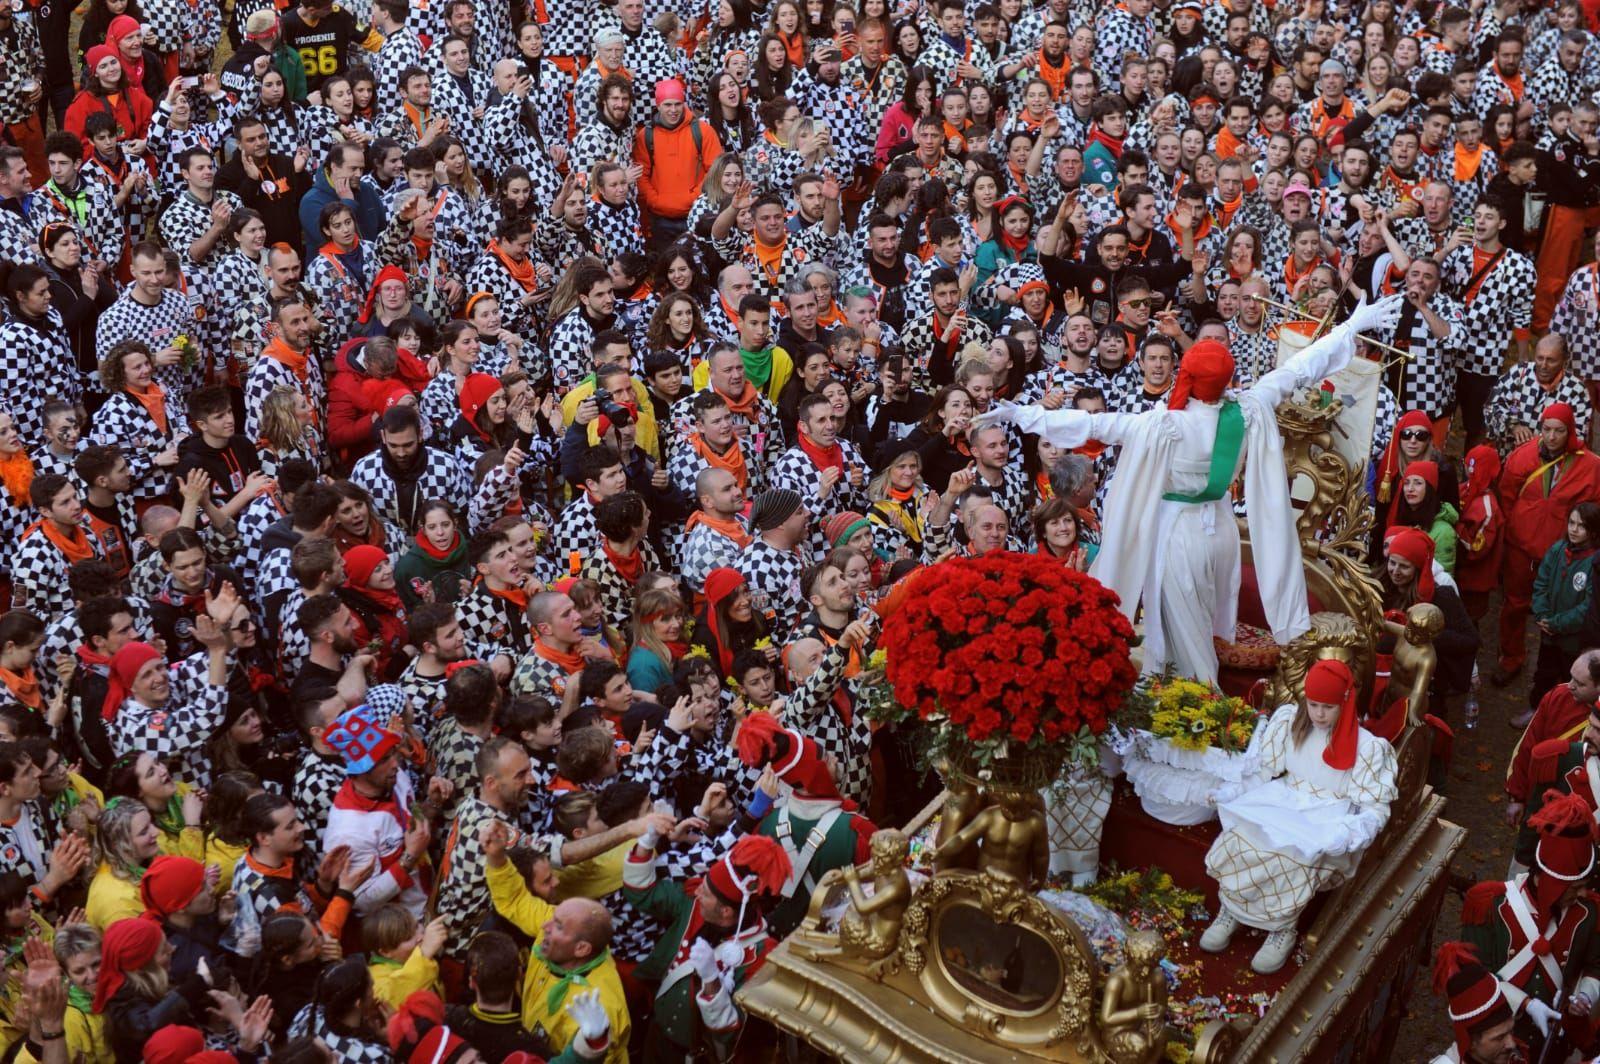 IVREA - Carnevale annullato, l'abbraccio alla mugnaia Paola